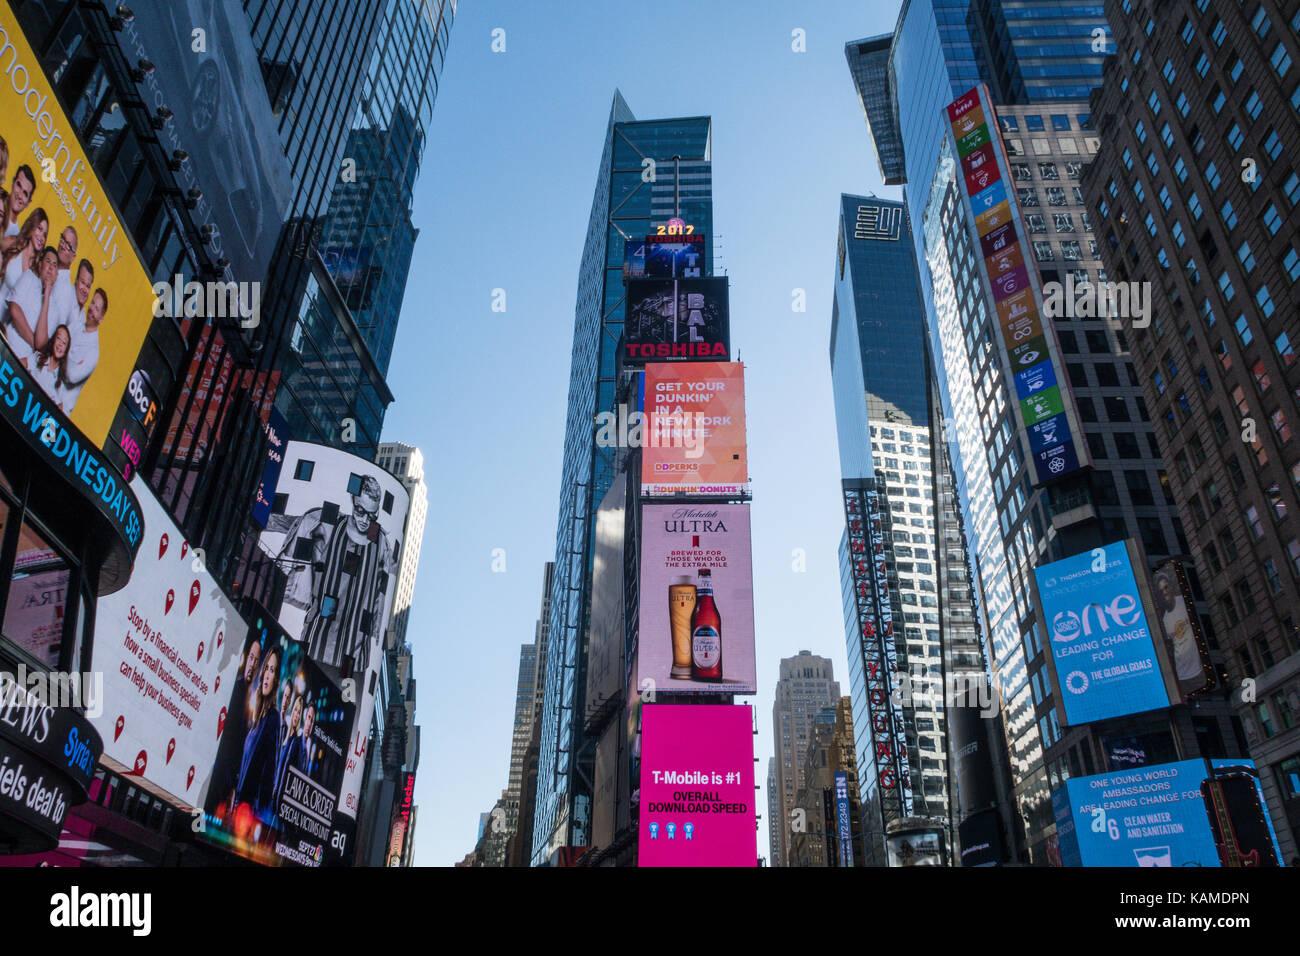 Elettronica di cartelloni pubblicitari in Times Square NYC, Stati Uniti d'America Immagini Stock